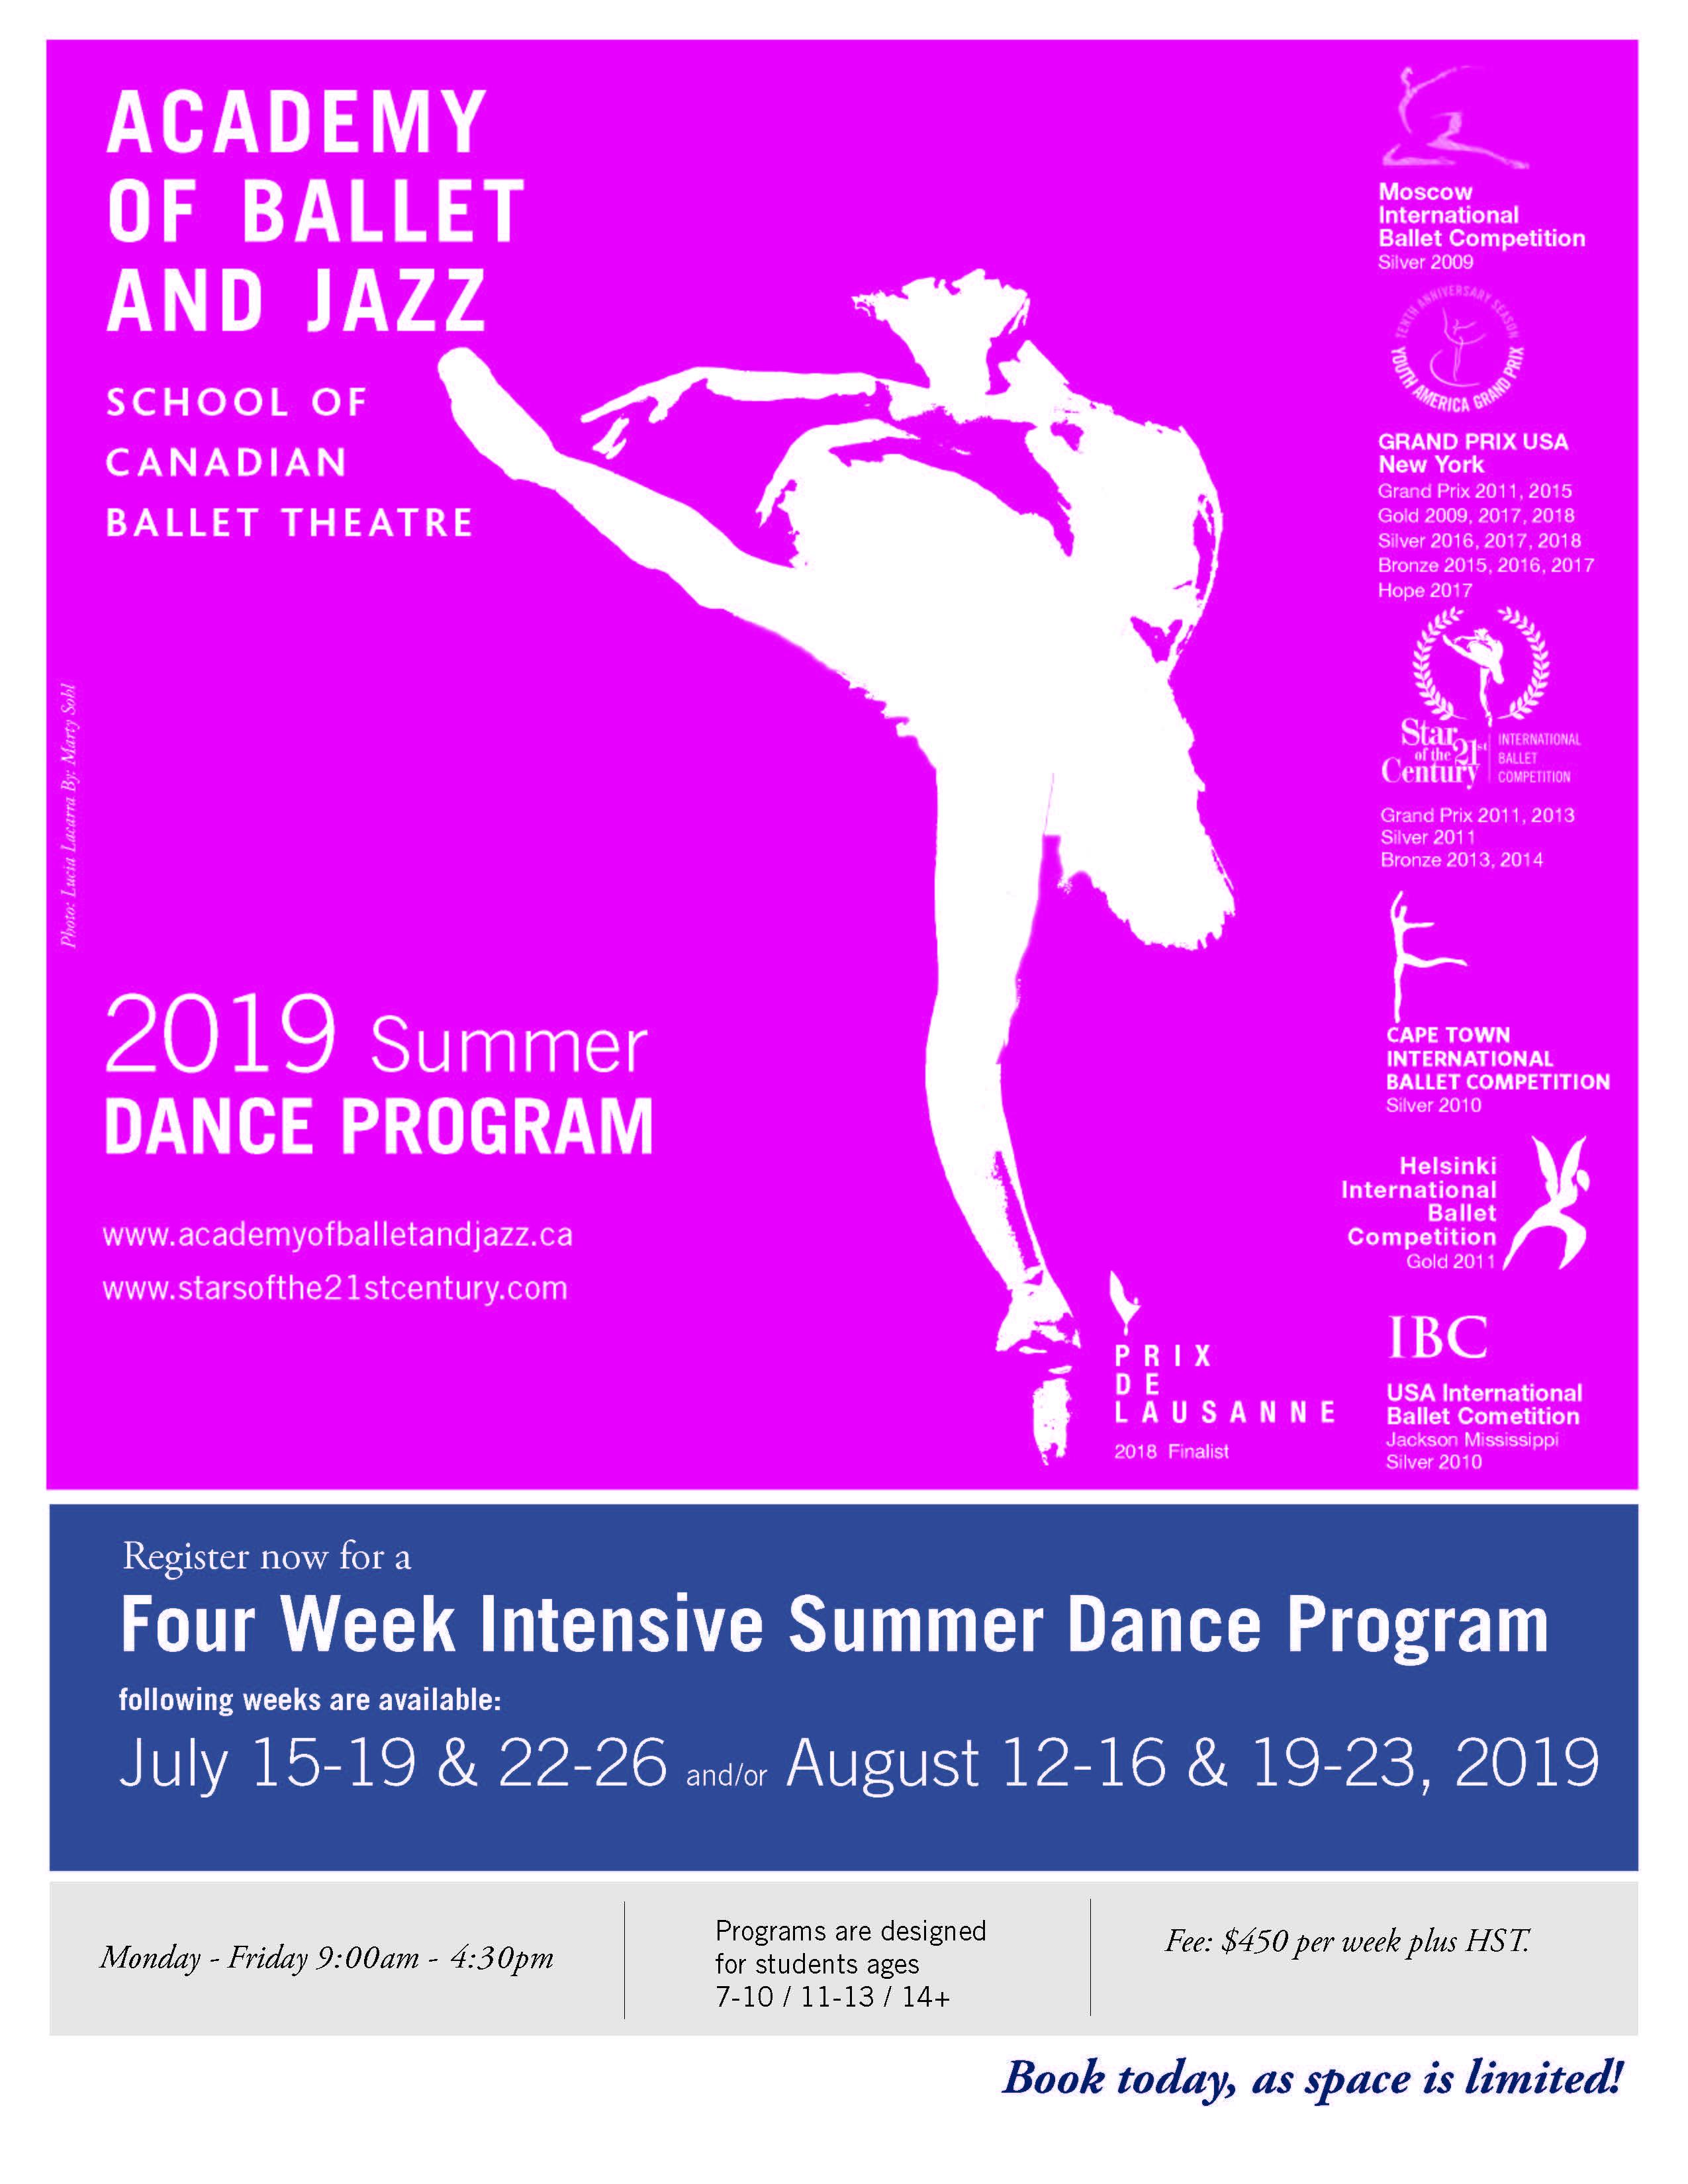 Summer School 2019 - Academy of Ballet and Jazz